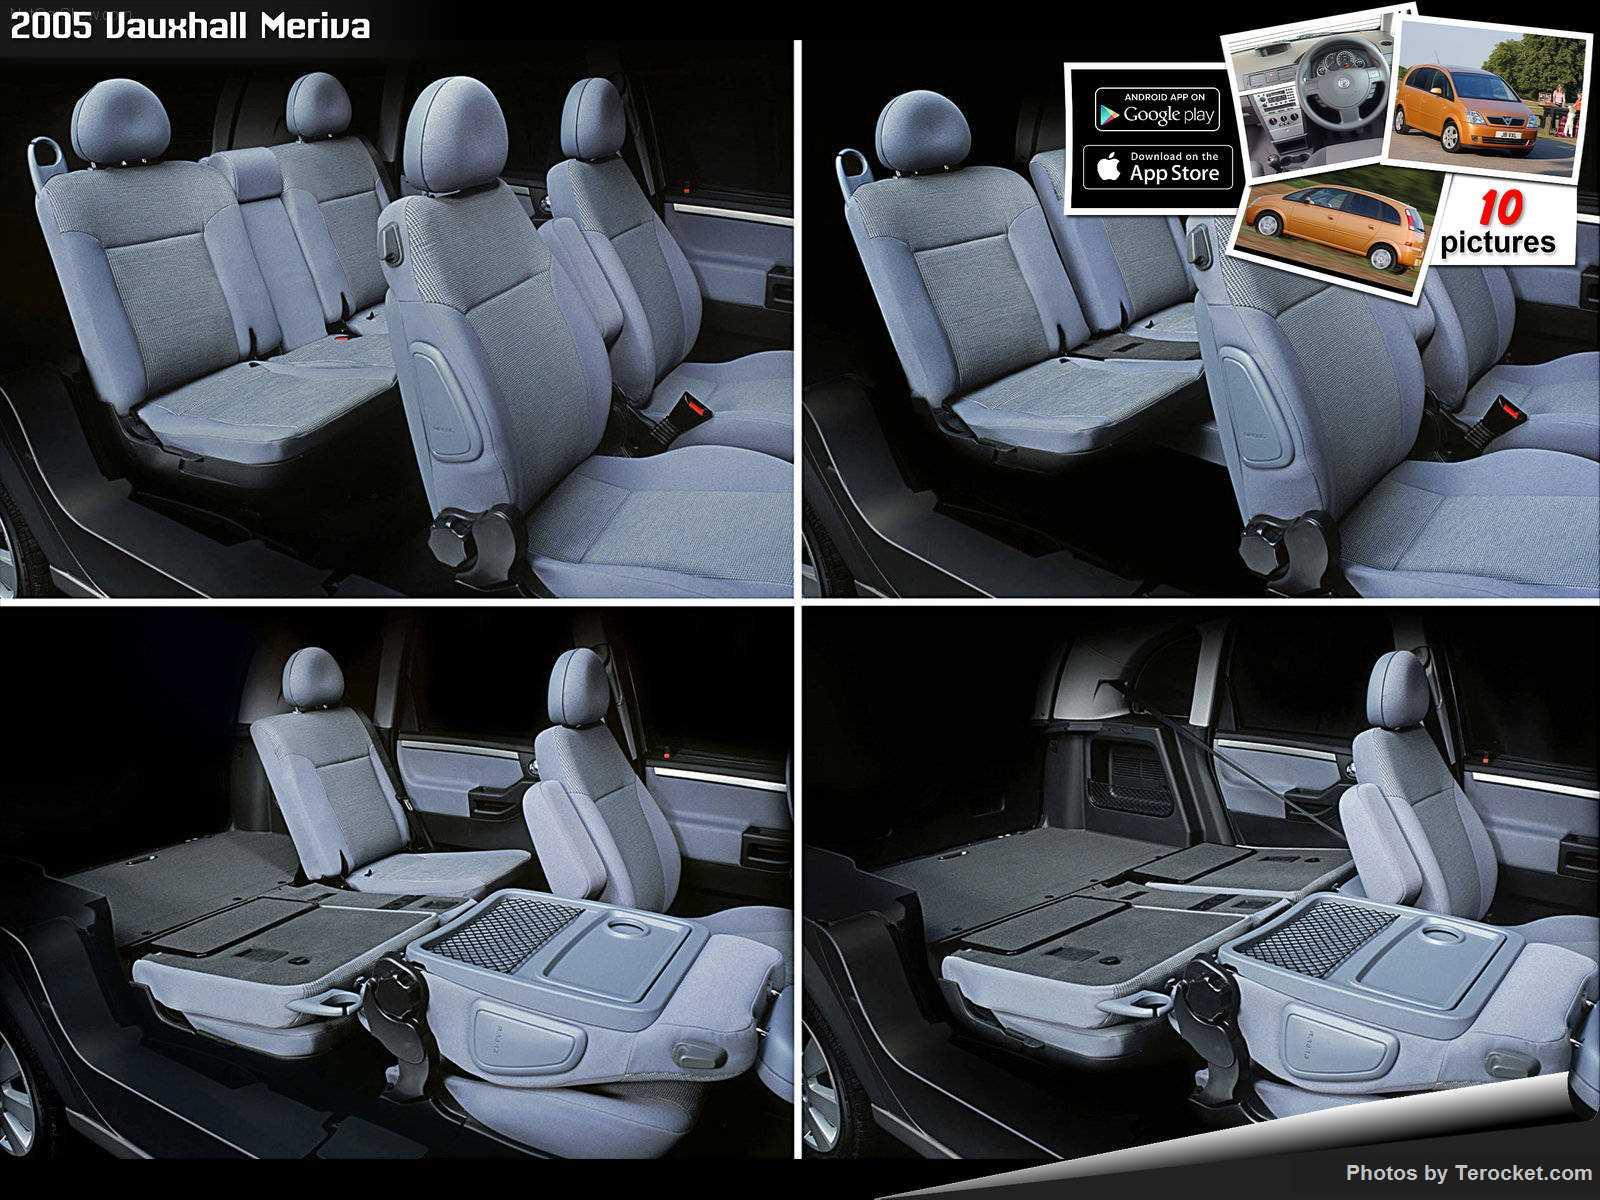 Hình ảnh xe ô tô Vauxhall Meriva 2005 & nội ngoại thất